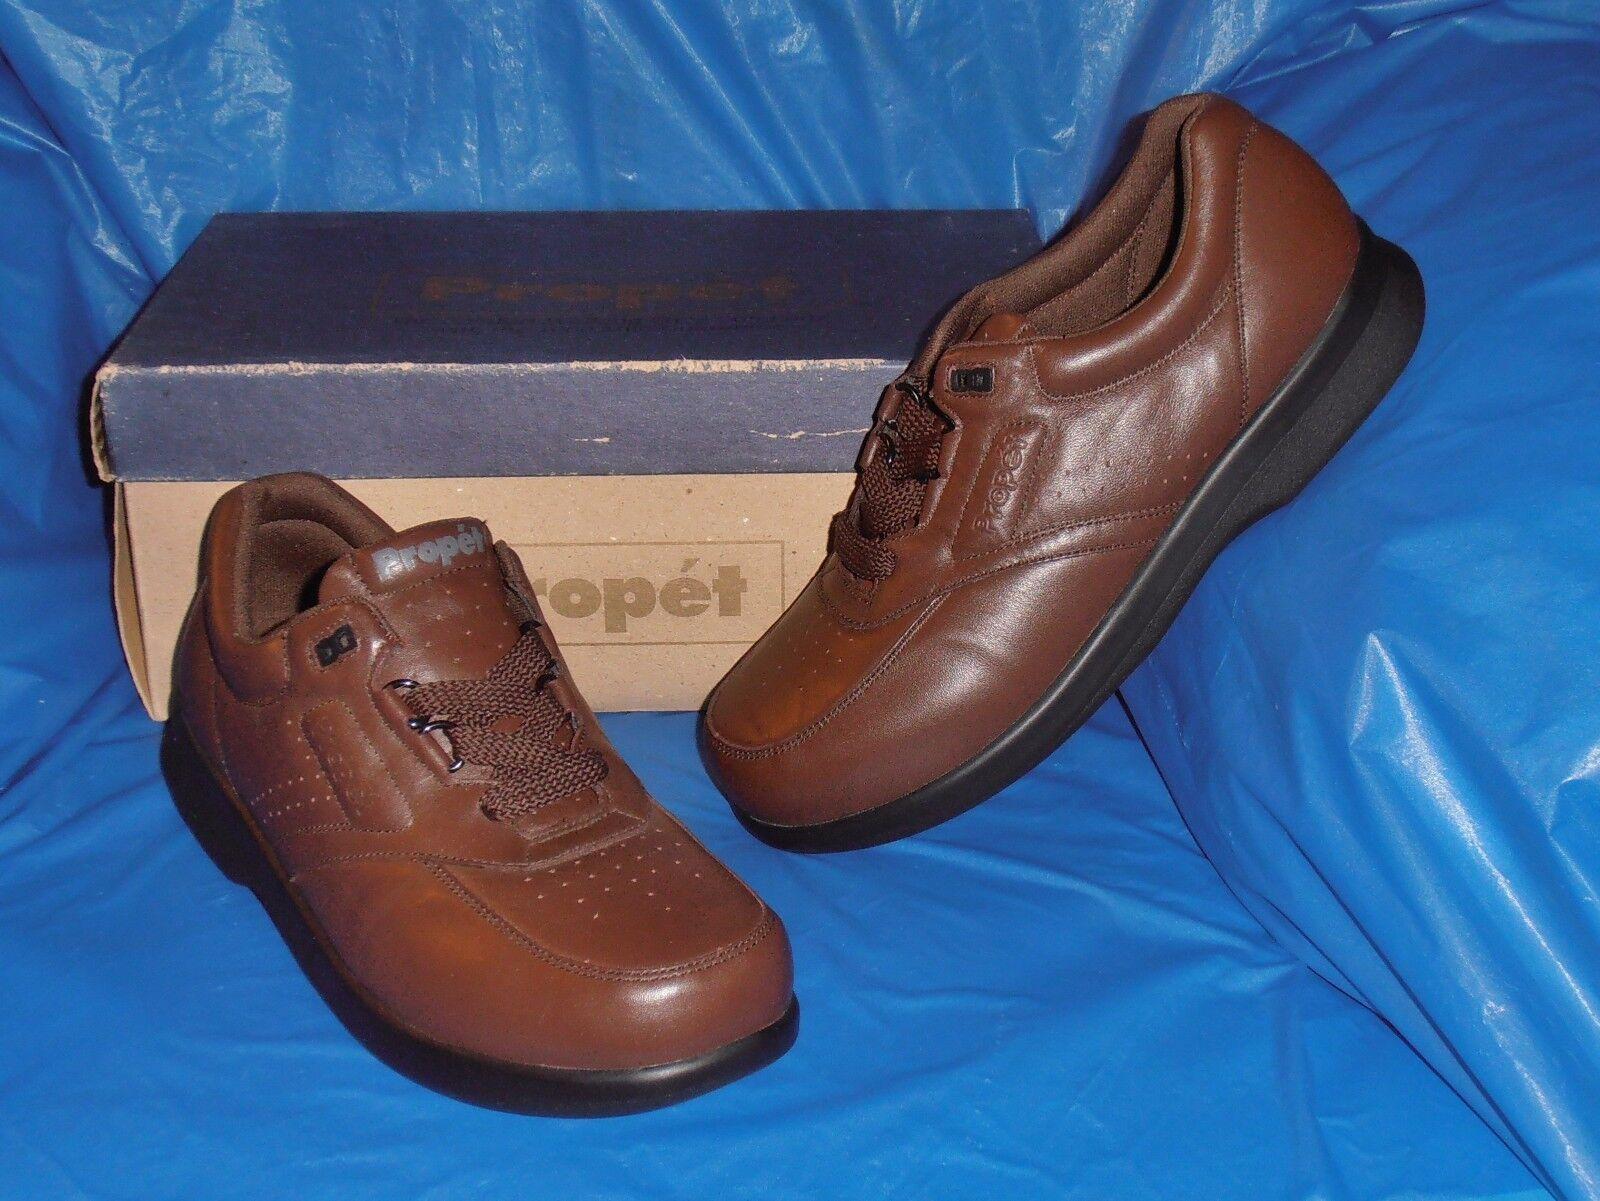 Propet, Uomo Brown Lite Comfort Walking shoe. 8 1/2 M